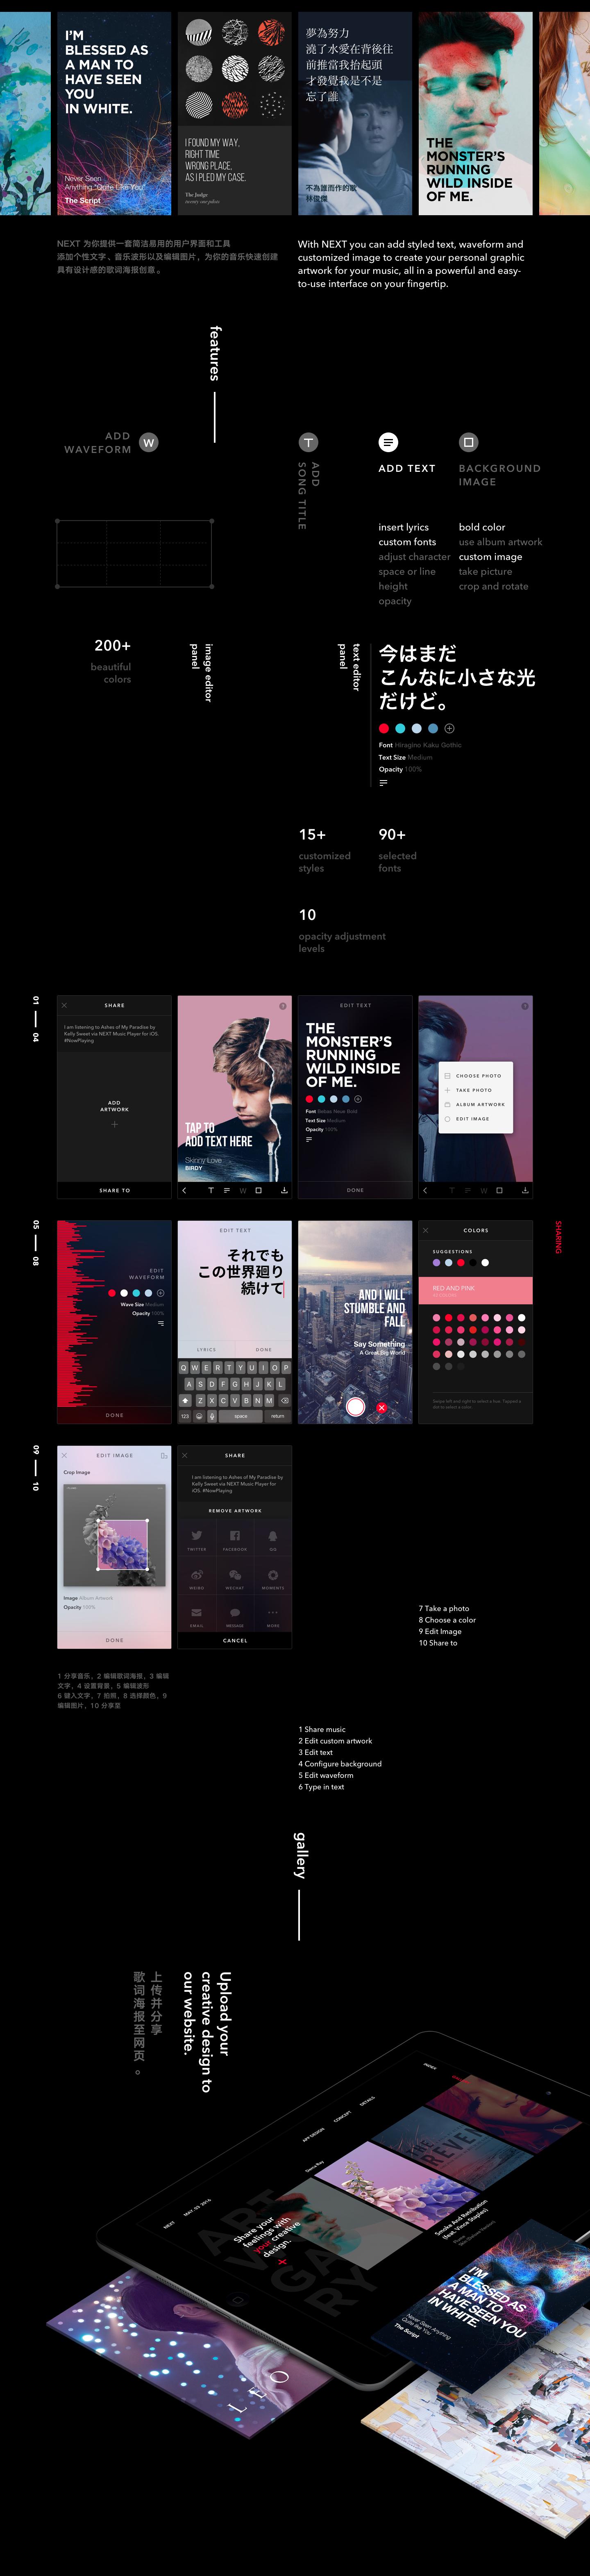 查看《NEXT Music Player - App Design》原图,原图尺寸:1440x6284